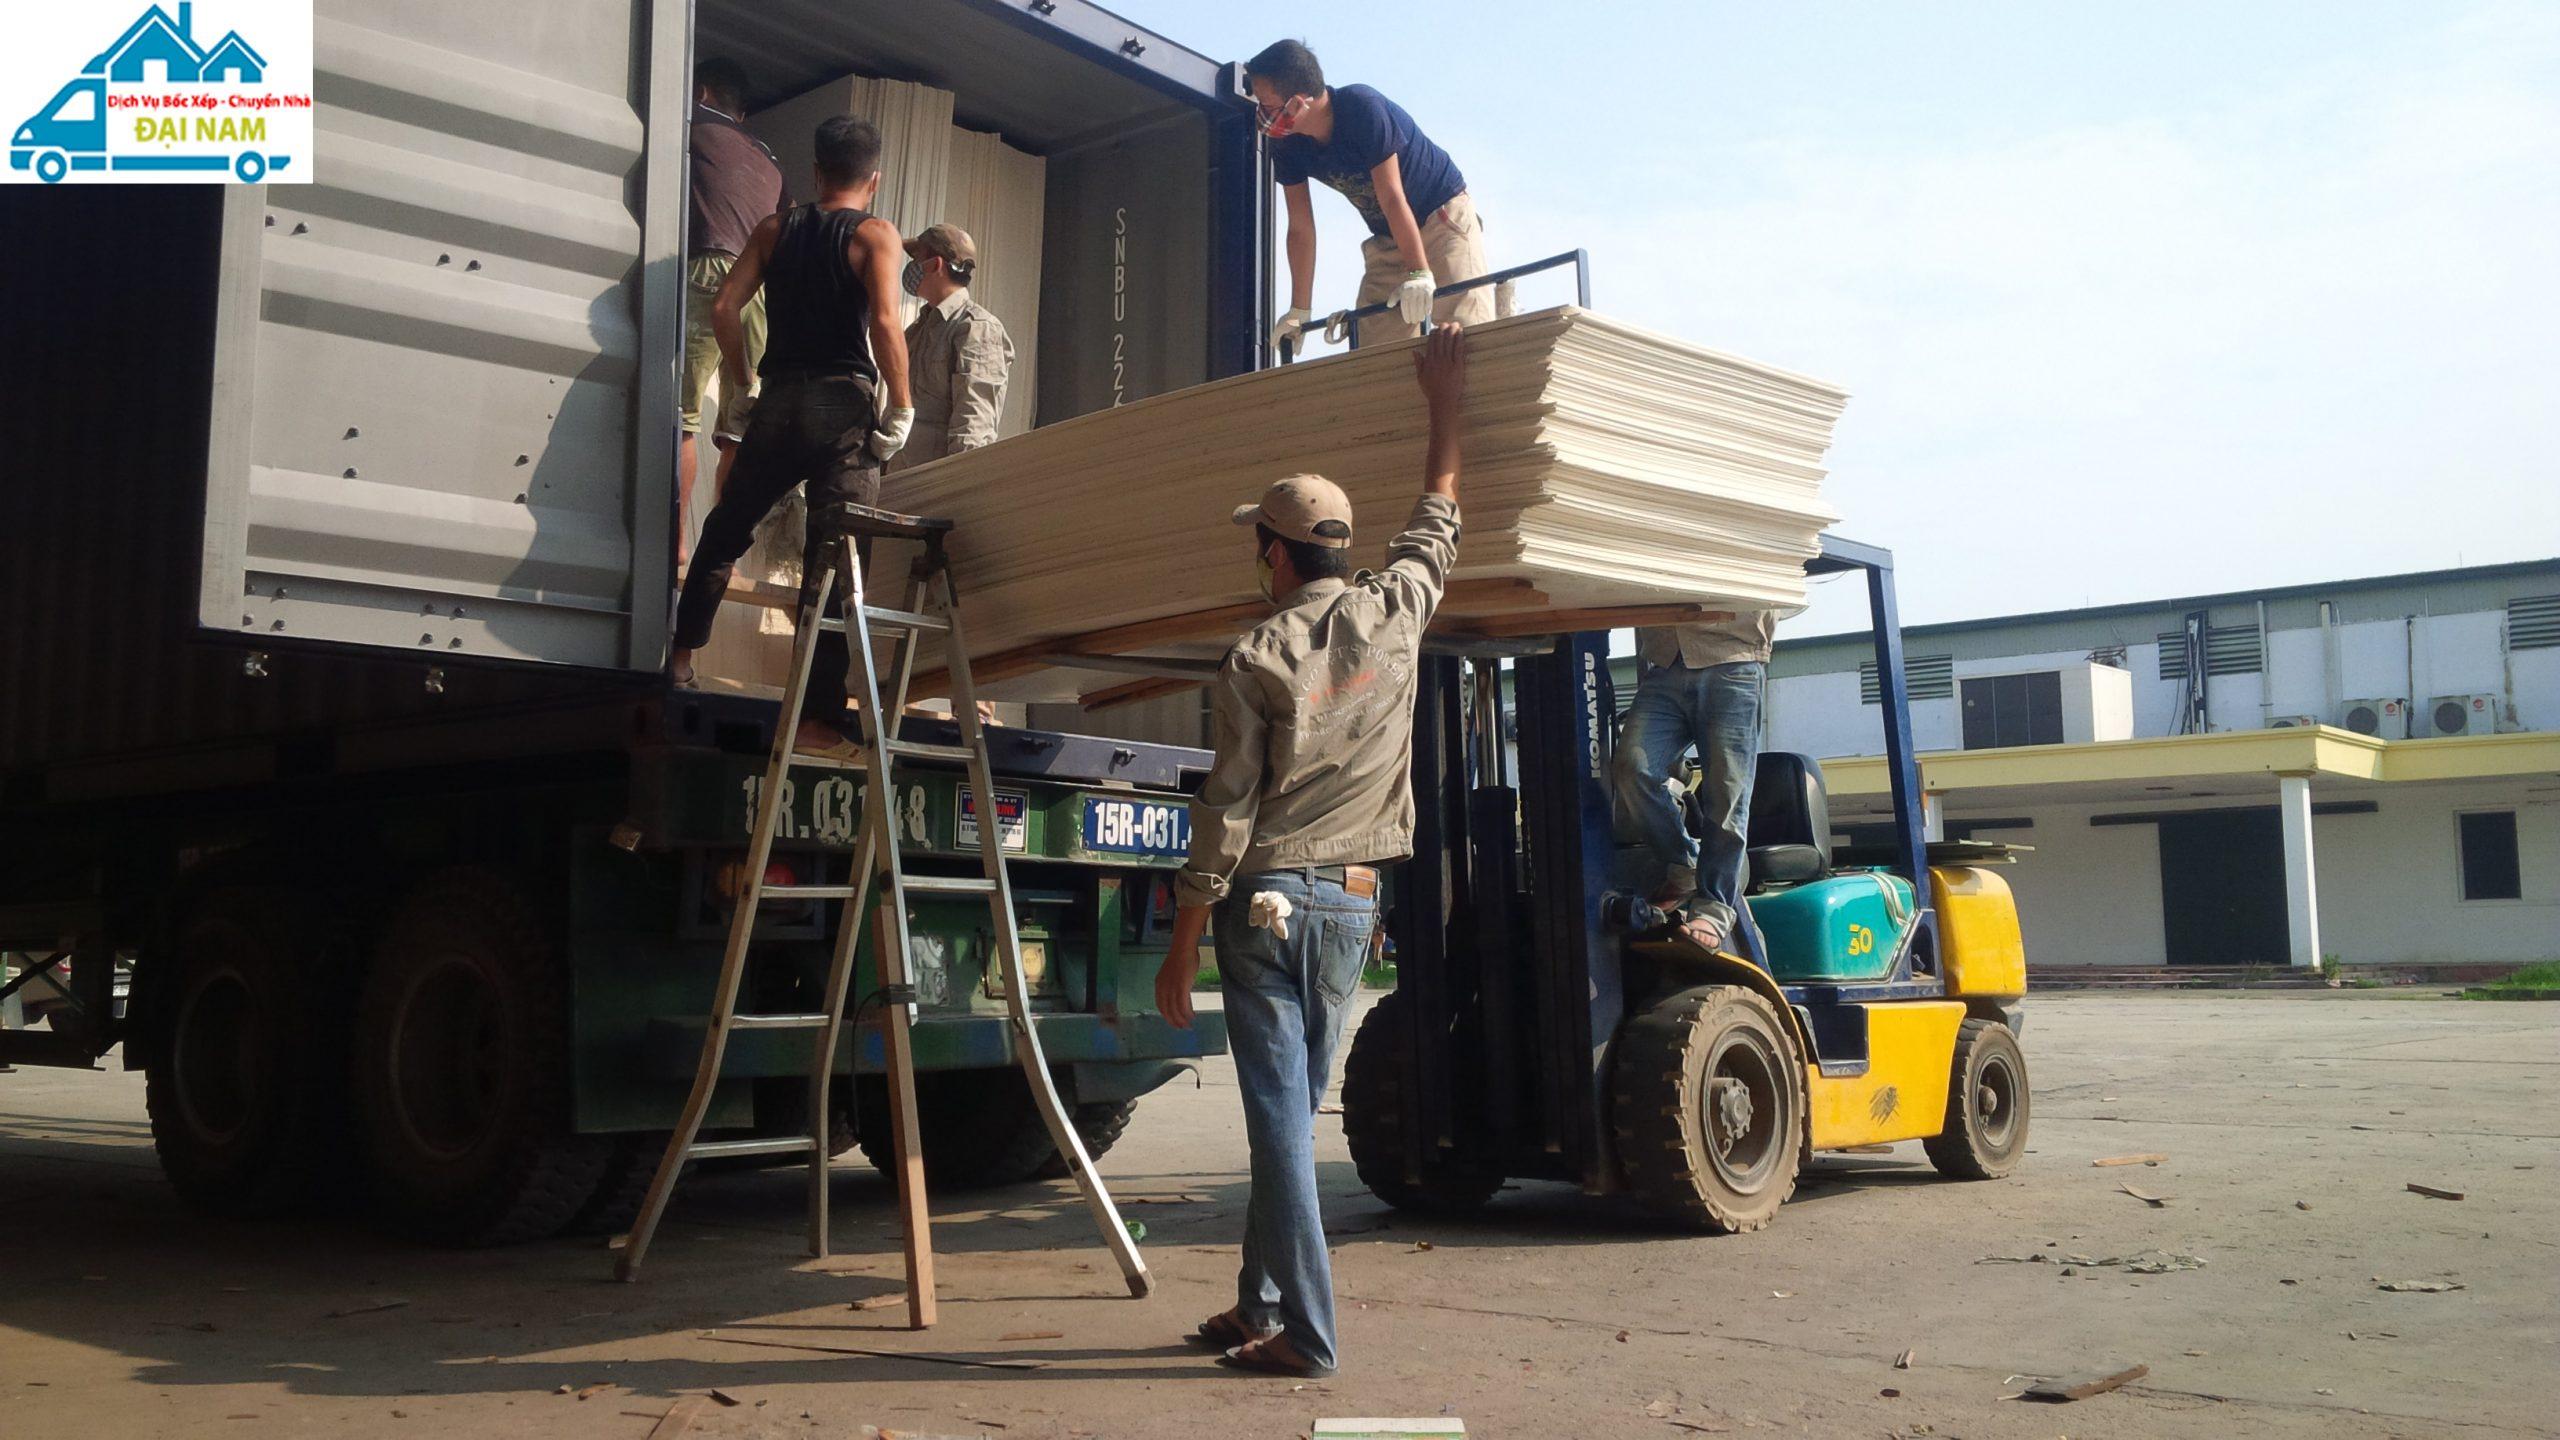 Dịch vụ bốc xếp hàng hóa quận Gò Vấp giá rẻ uy tín tại Tphcm